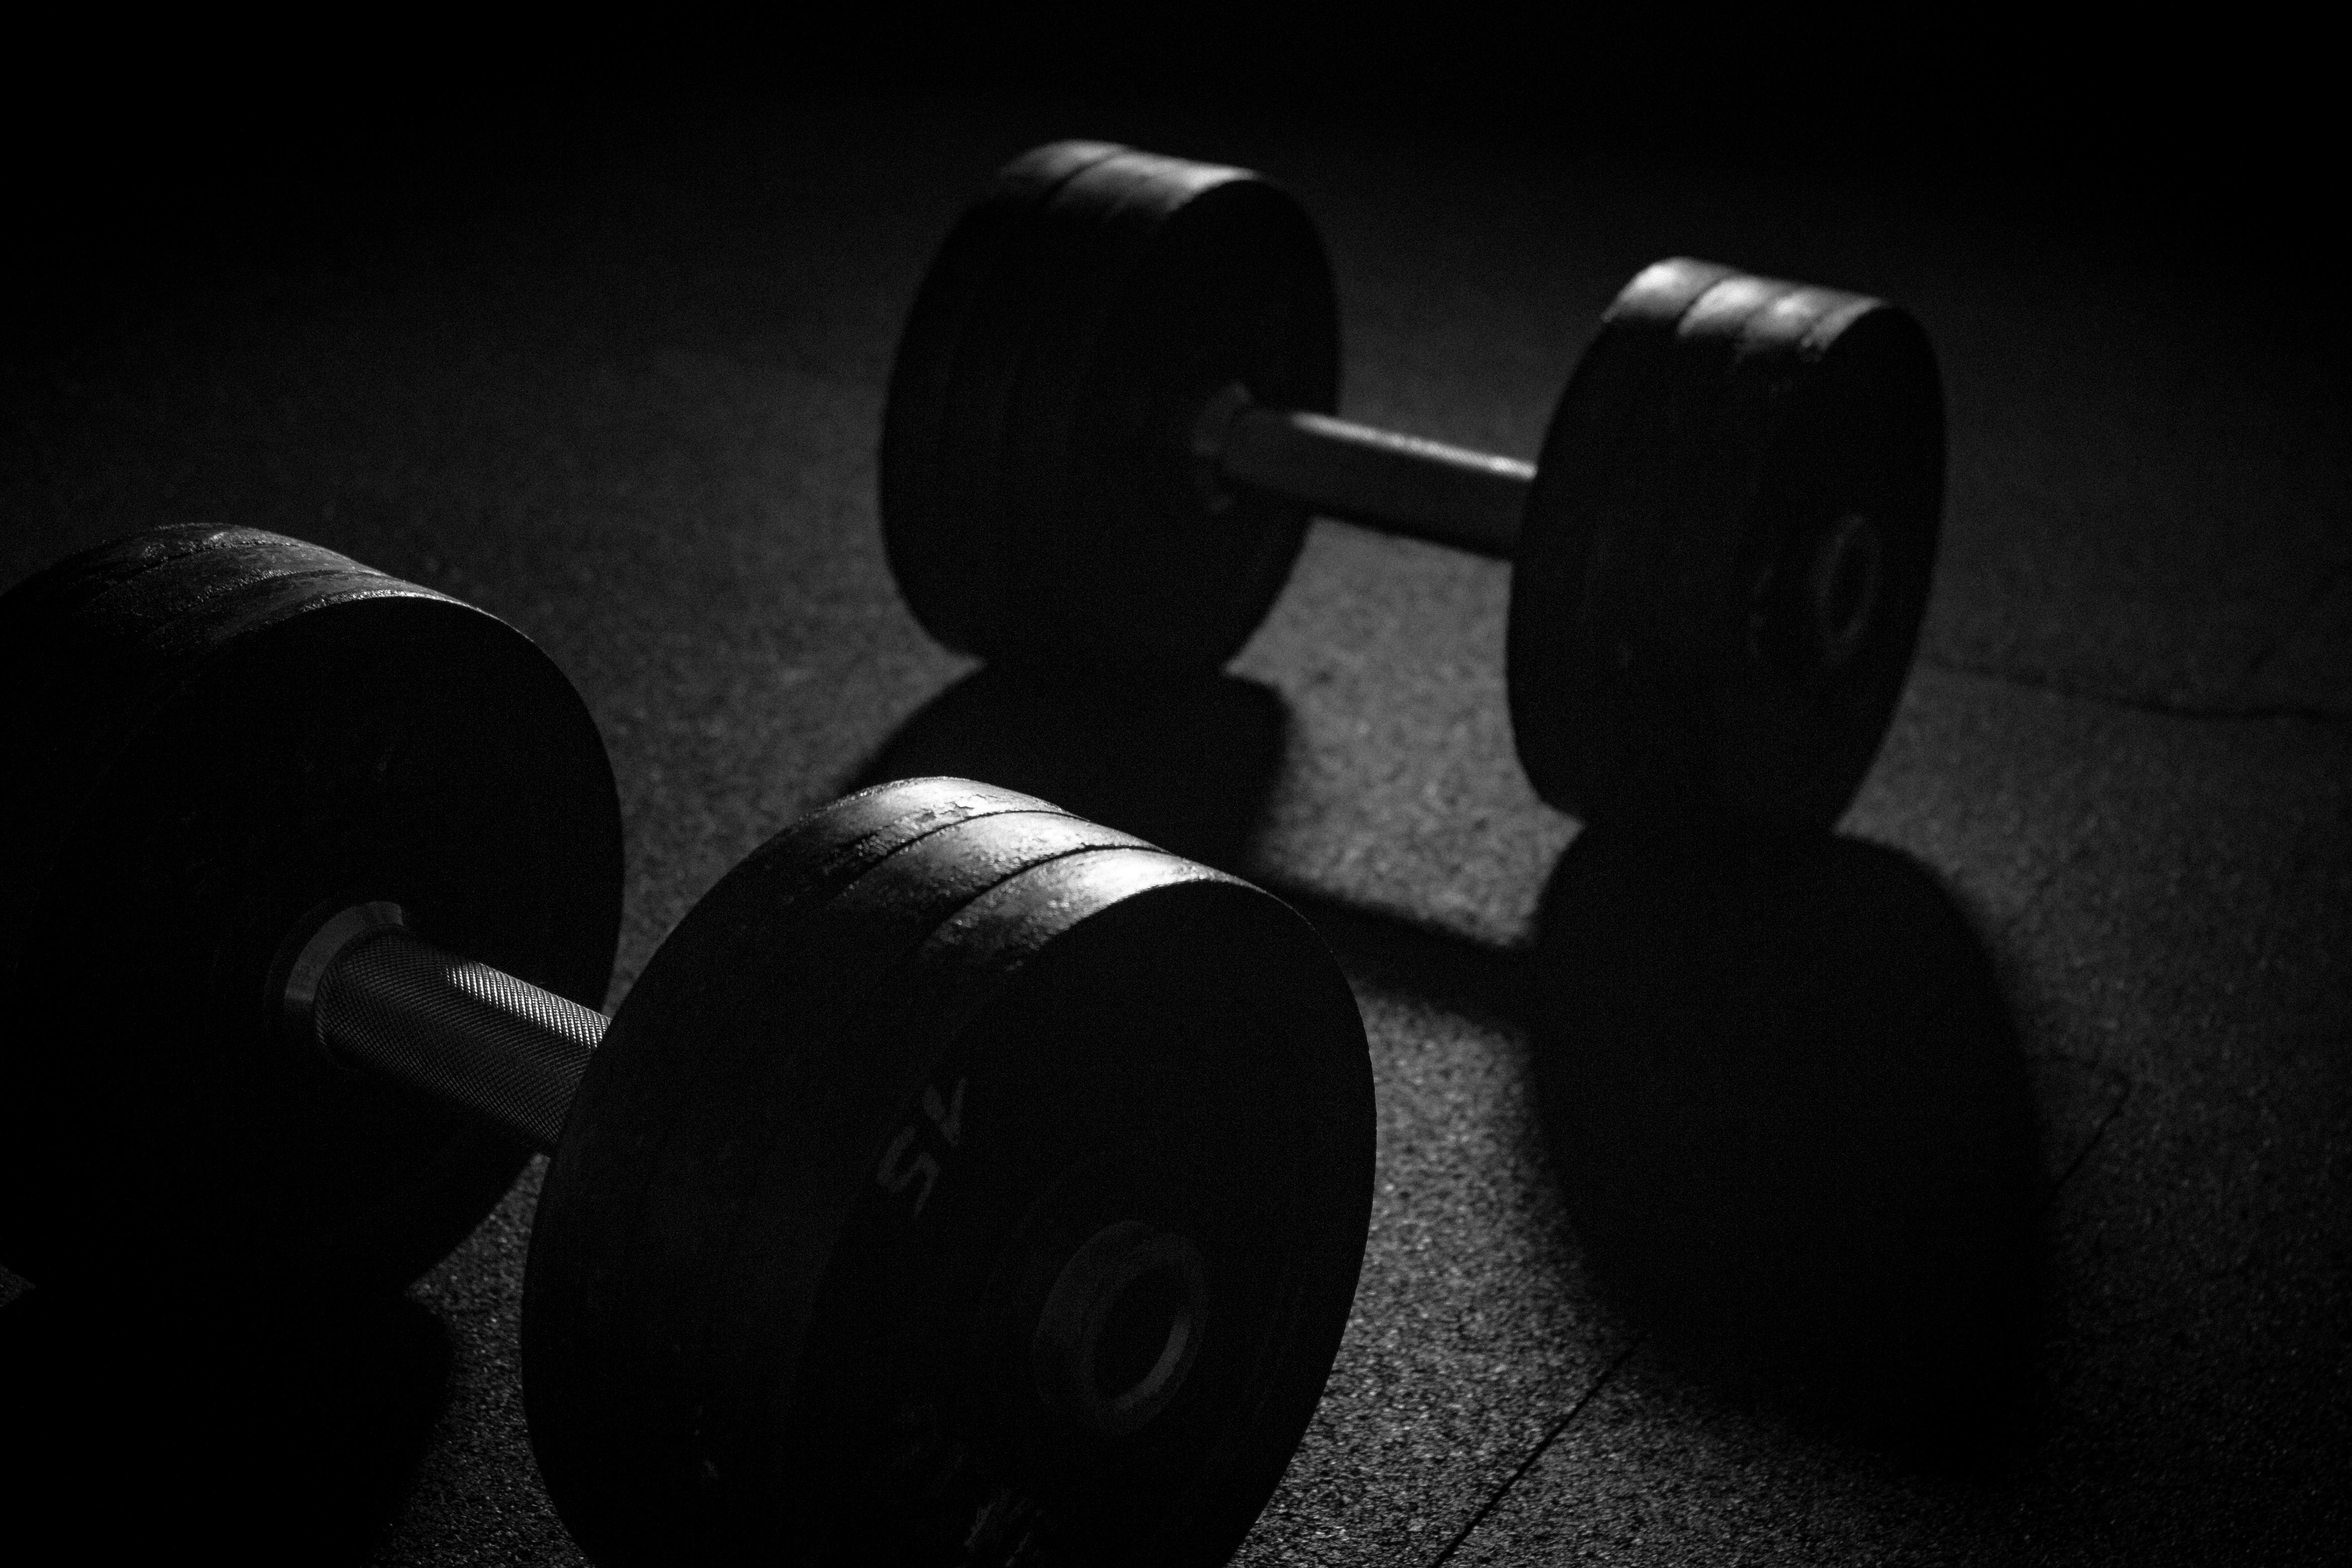 Fitnessstudio wallpaper  Fotoğraf : siyah ve beyaz, spor, tekerlek, tren, karanlık, Eğitim ...